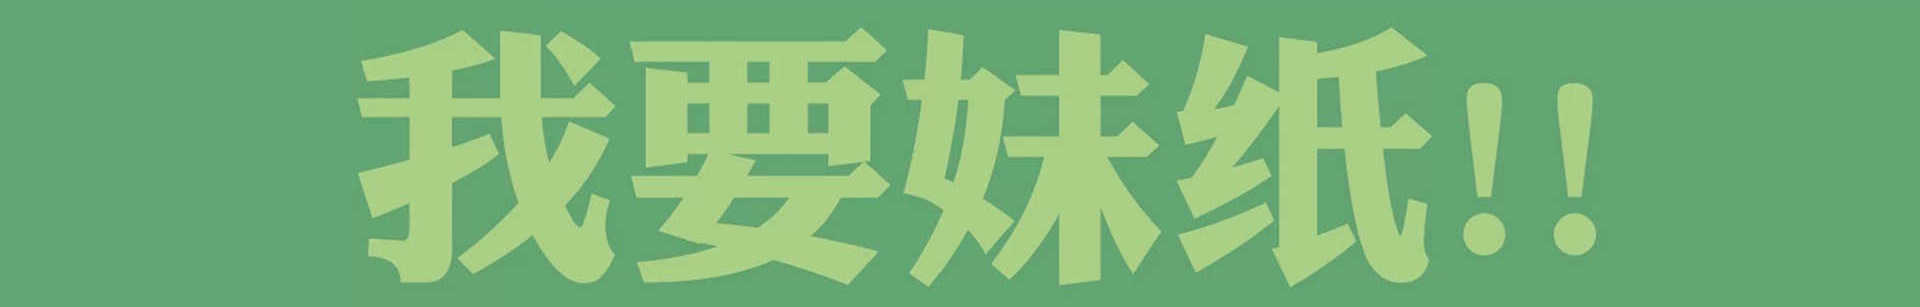 风猴子 banner